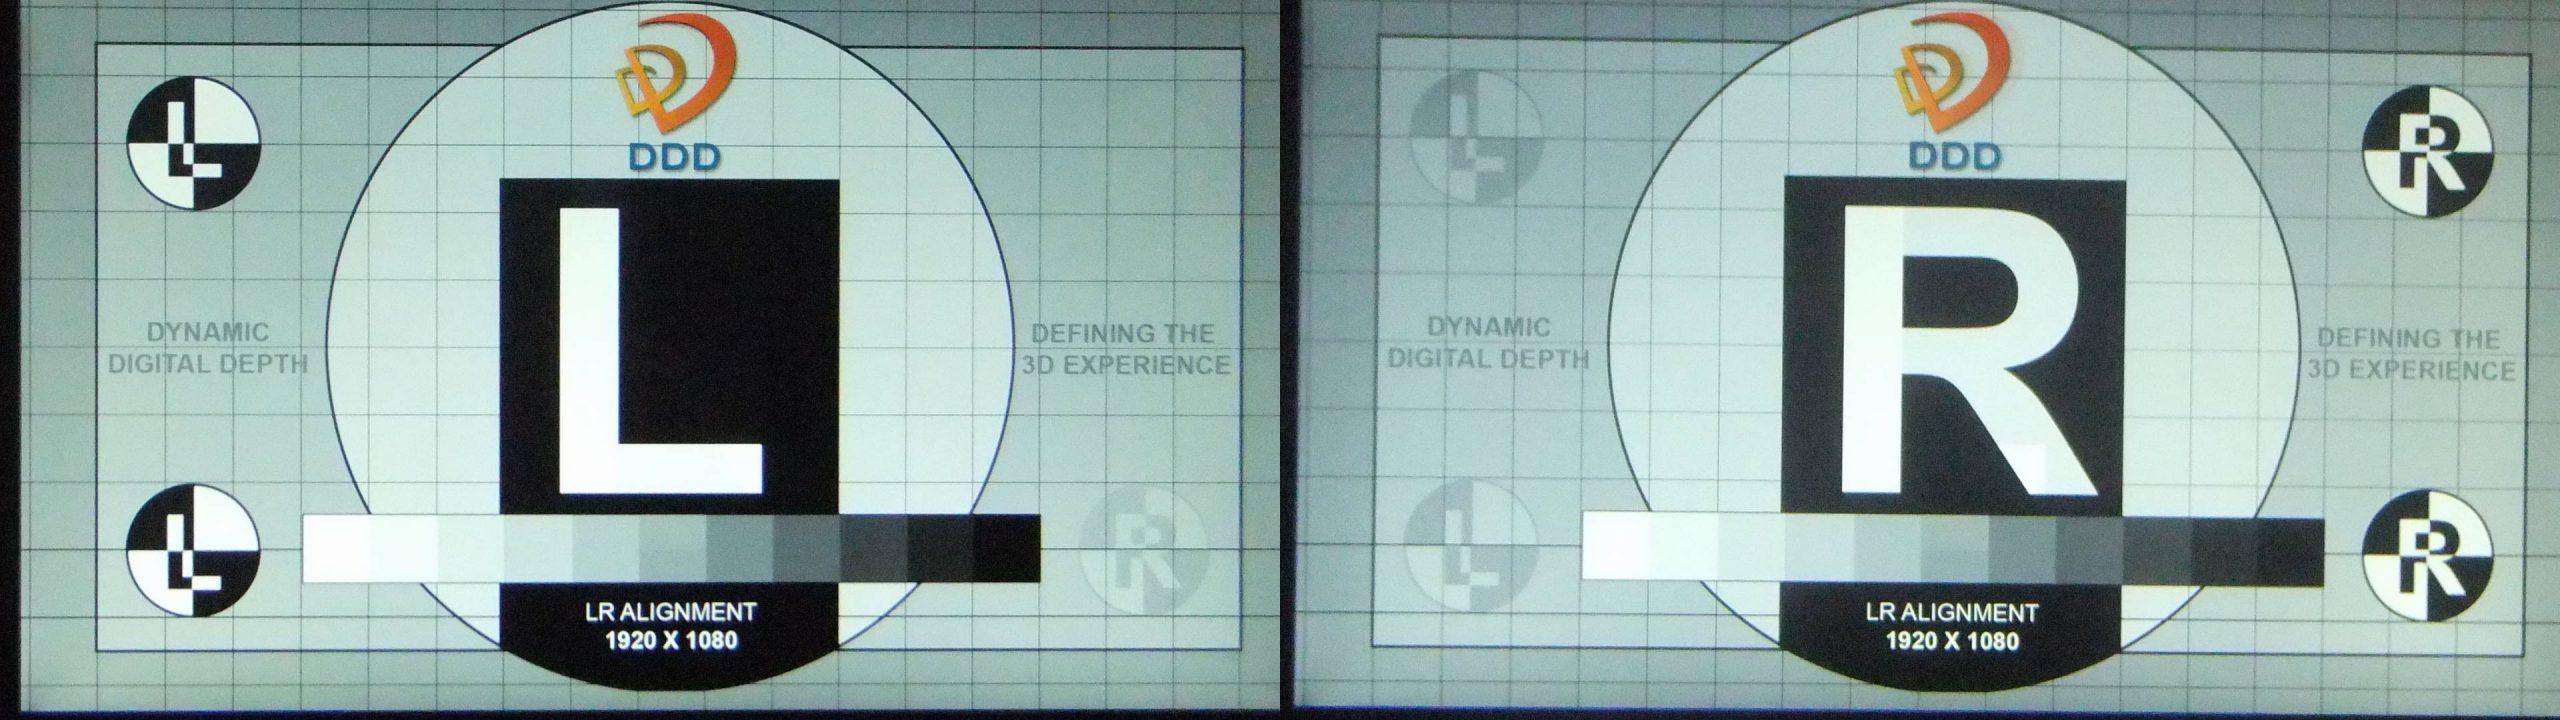 Samsung S23A750D DDD Ghosting Test